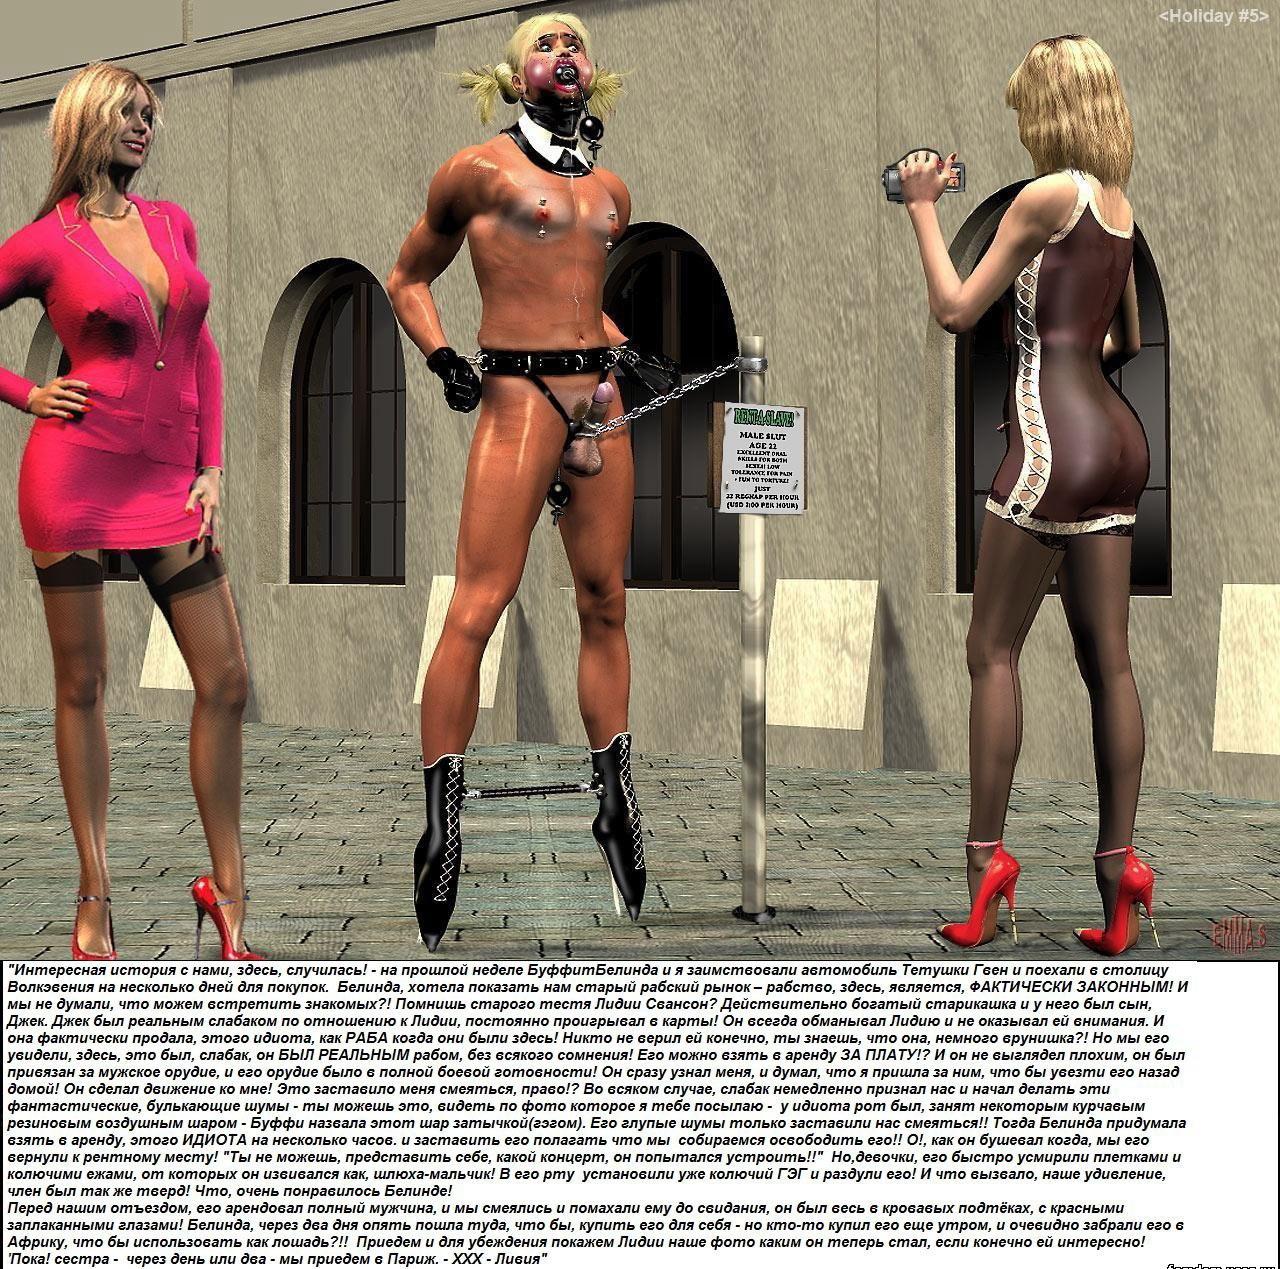 Фемдом порка раба 23 фотография